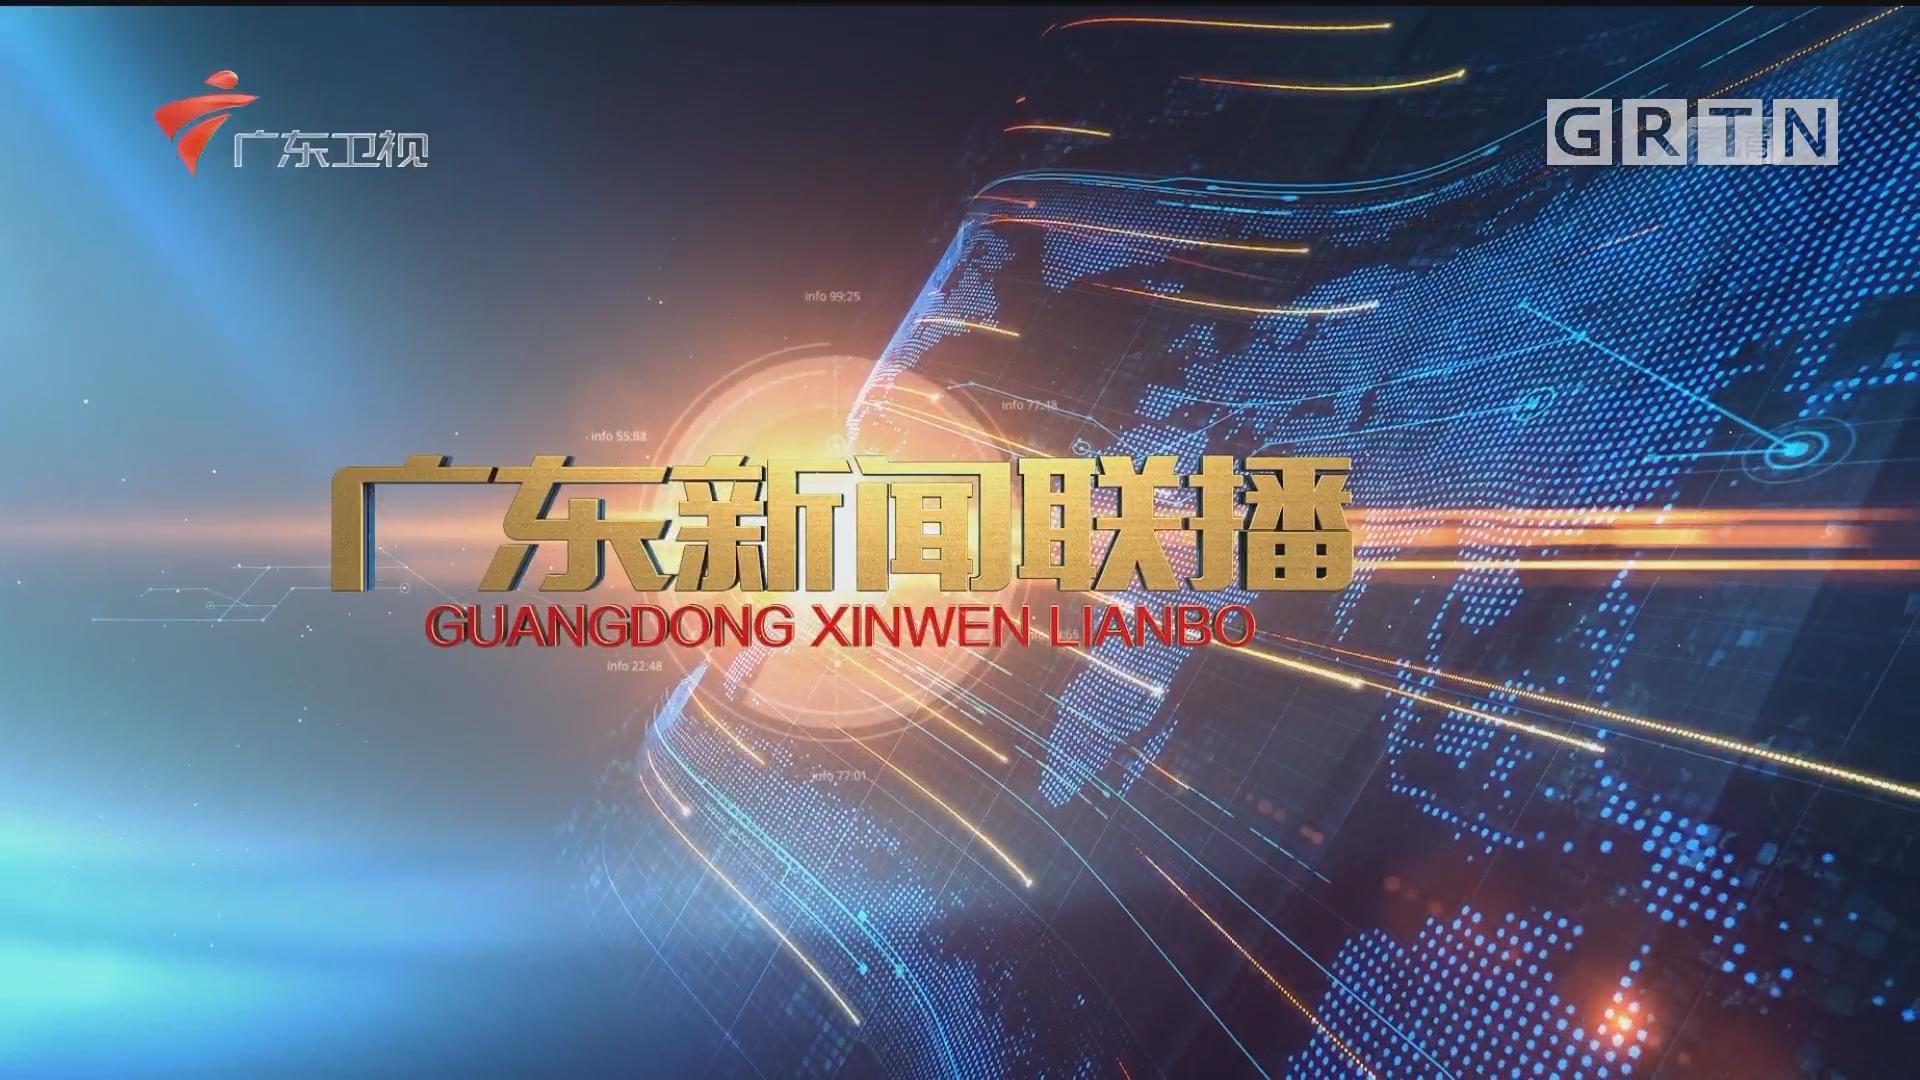 [HD][2018-02-03]广东新闻联播:李希检查部署春运工作 认真贯彻习近平总书记以人民为中心的发展思想